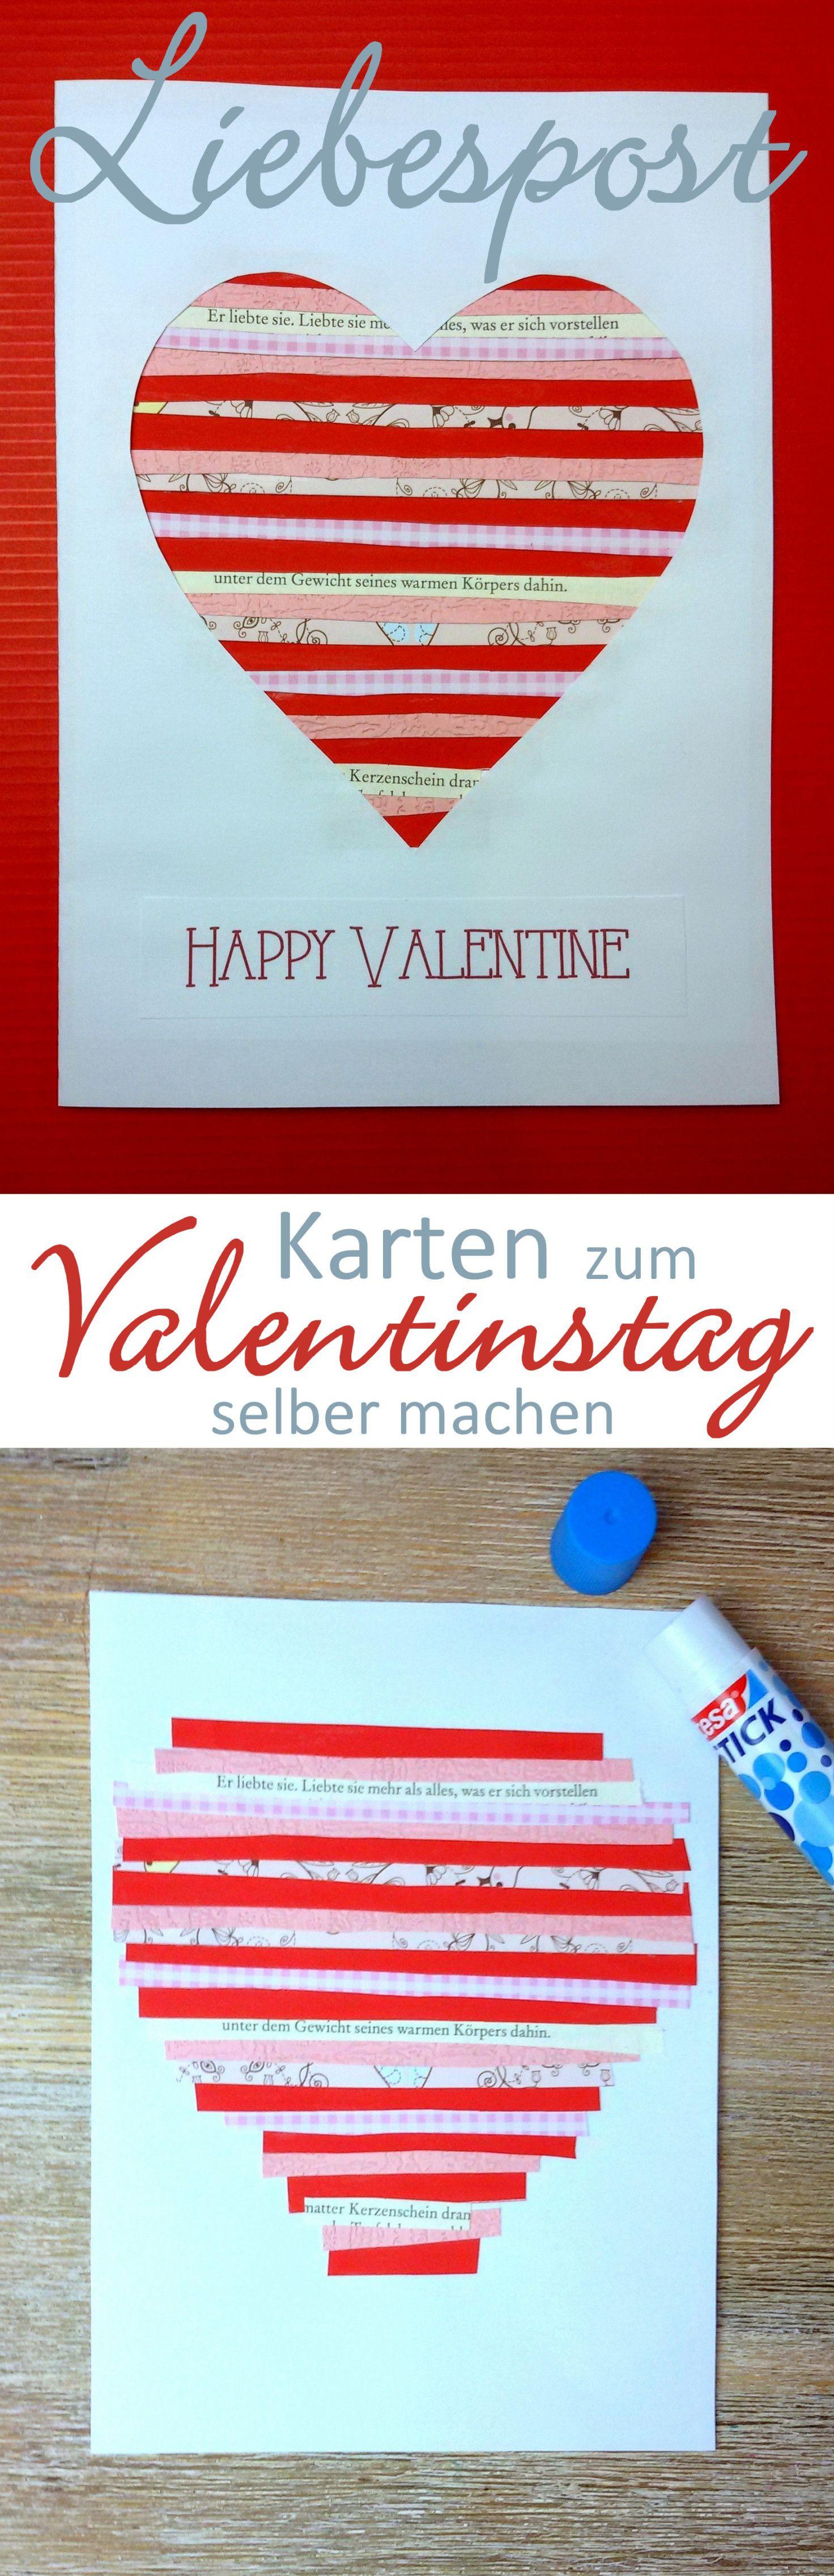 Grußkarte zum Valentinstag selber machen Am 14. Februar ist ...